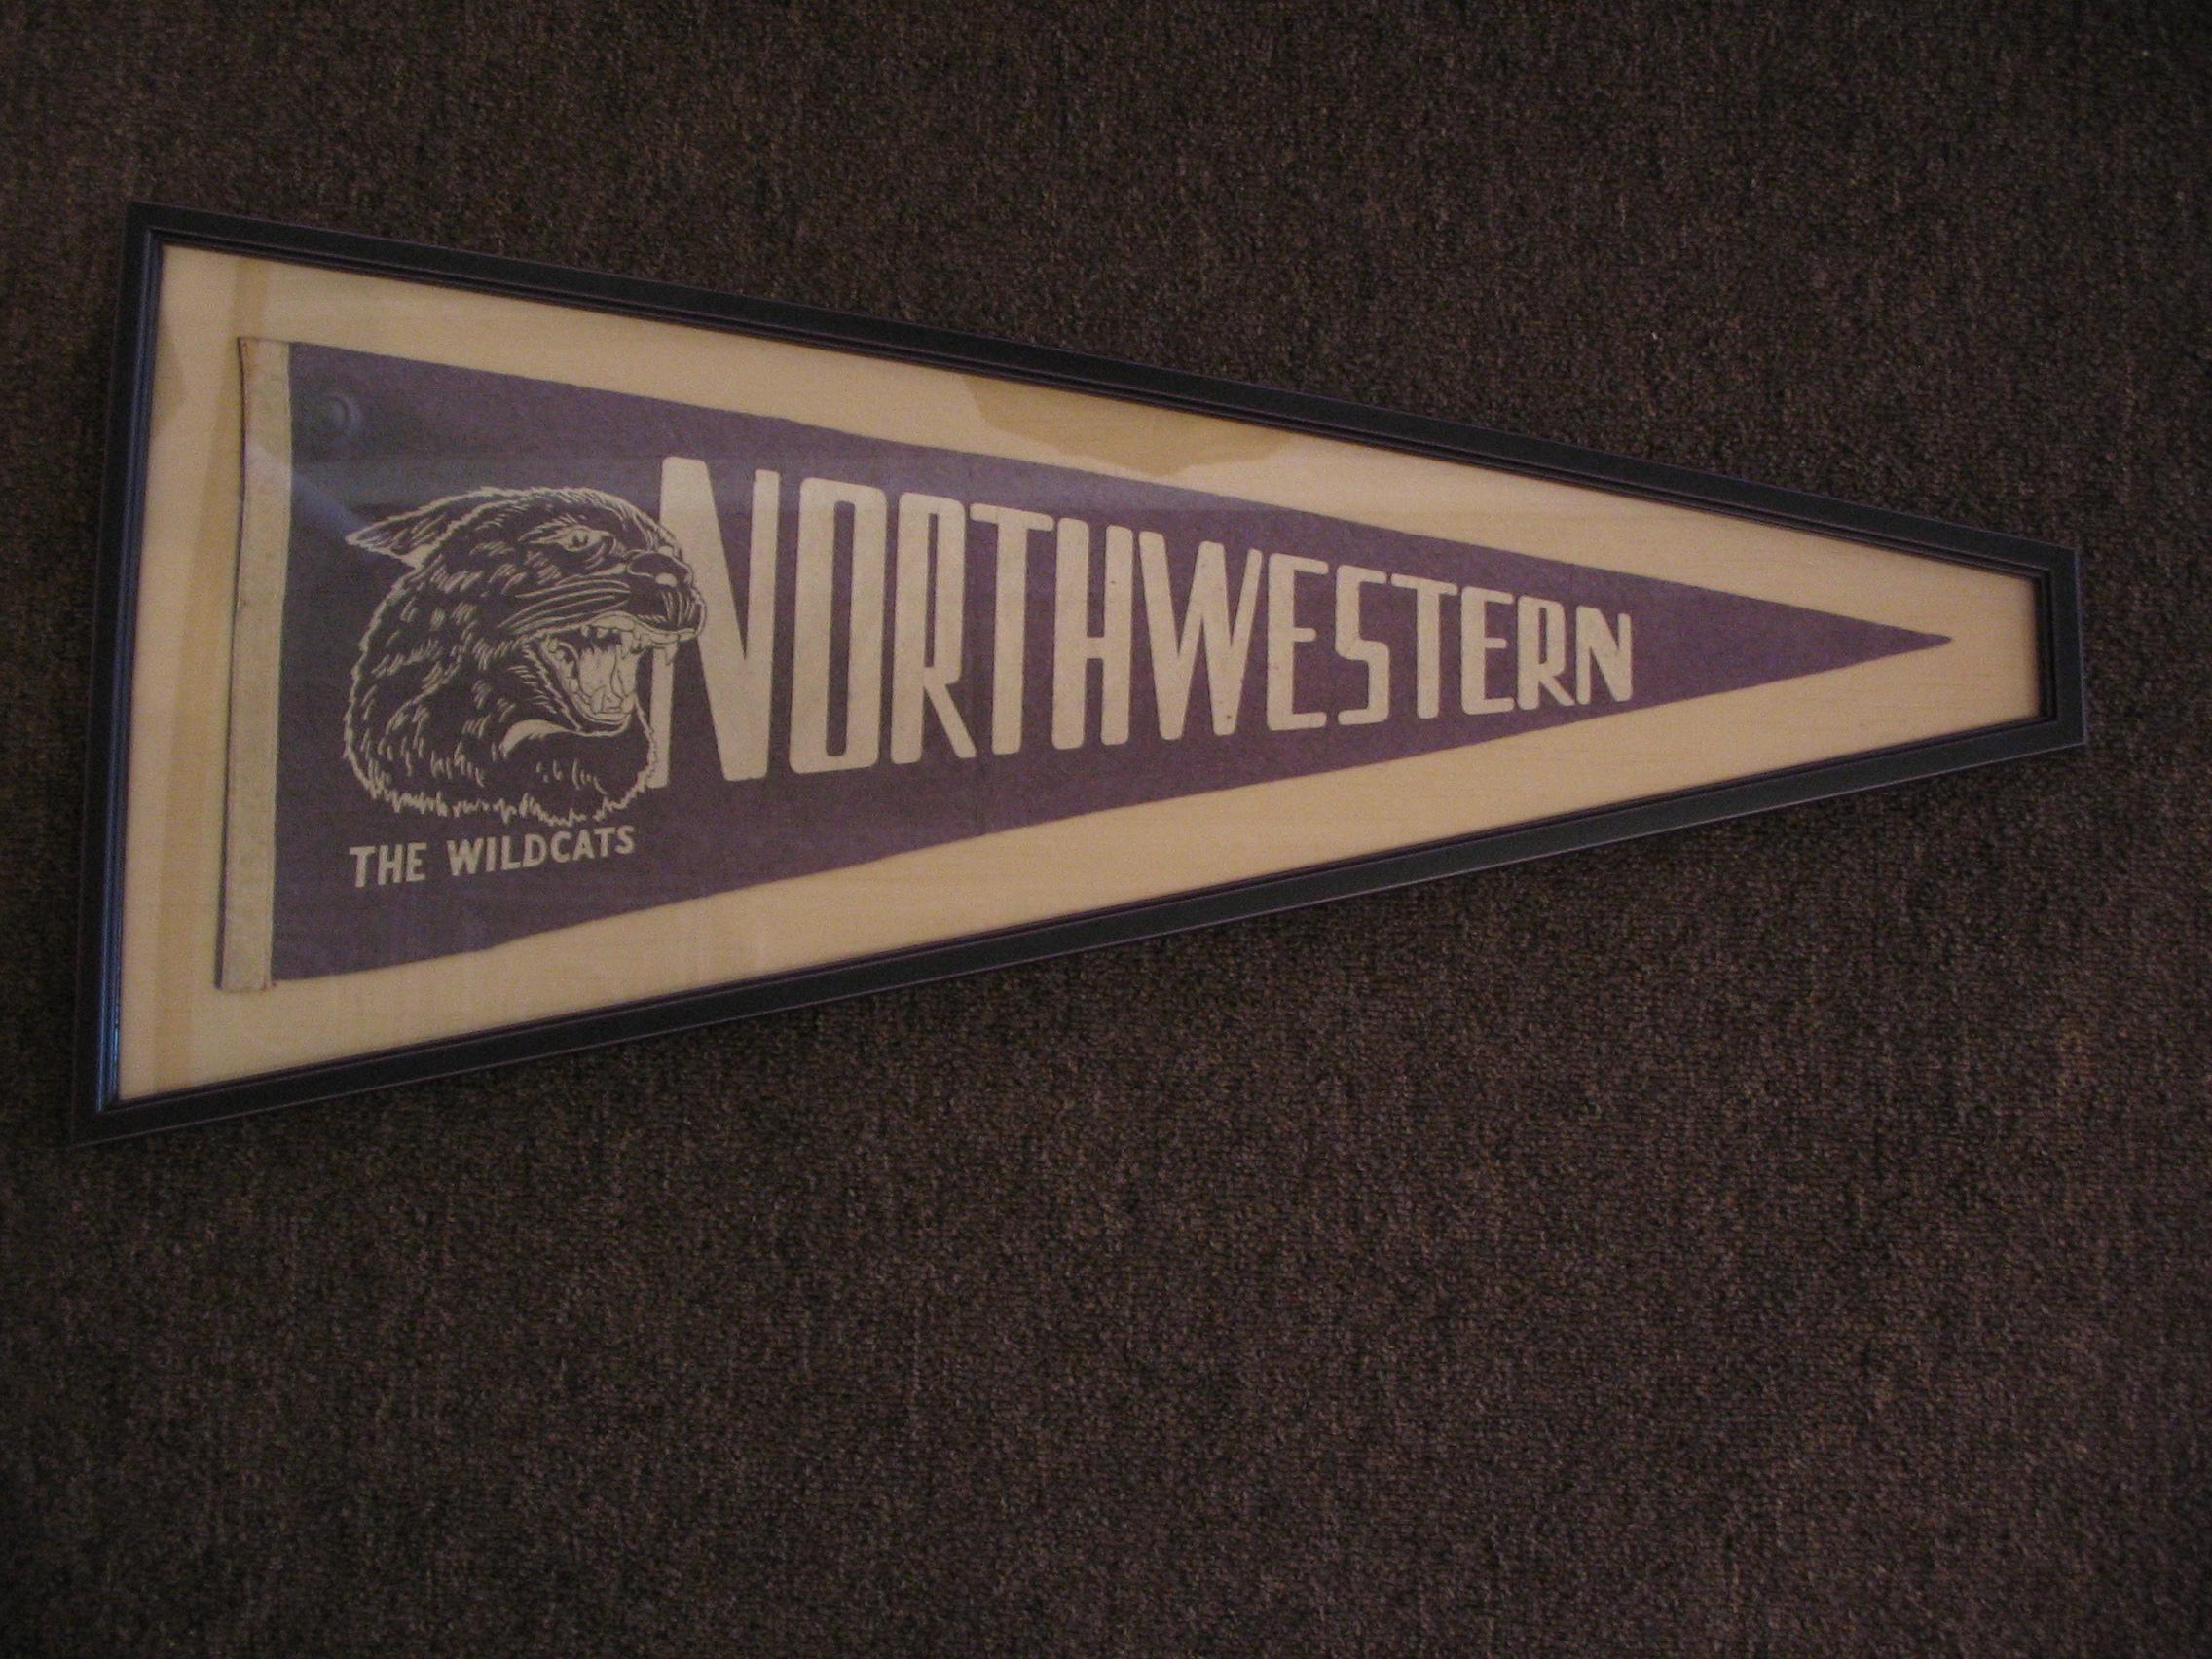 Northwestern framed by The Framemakers